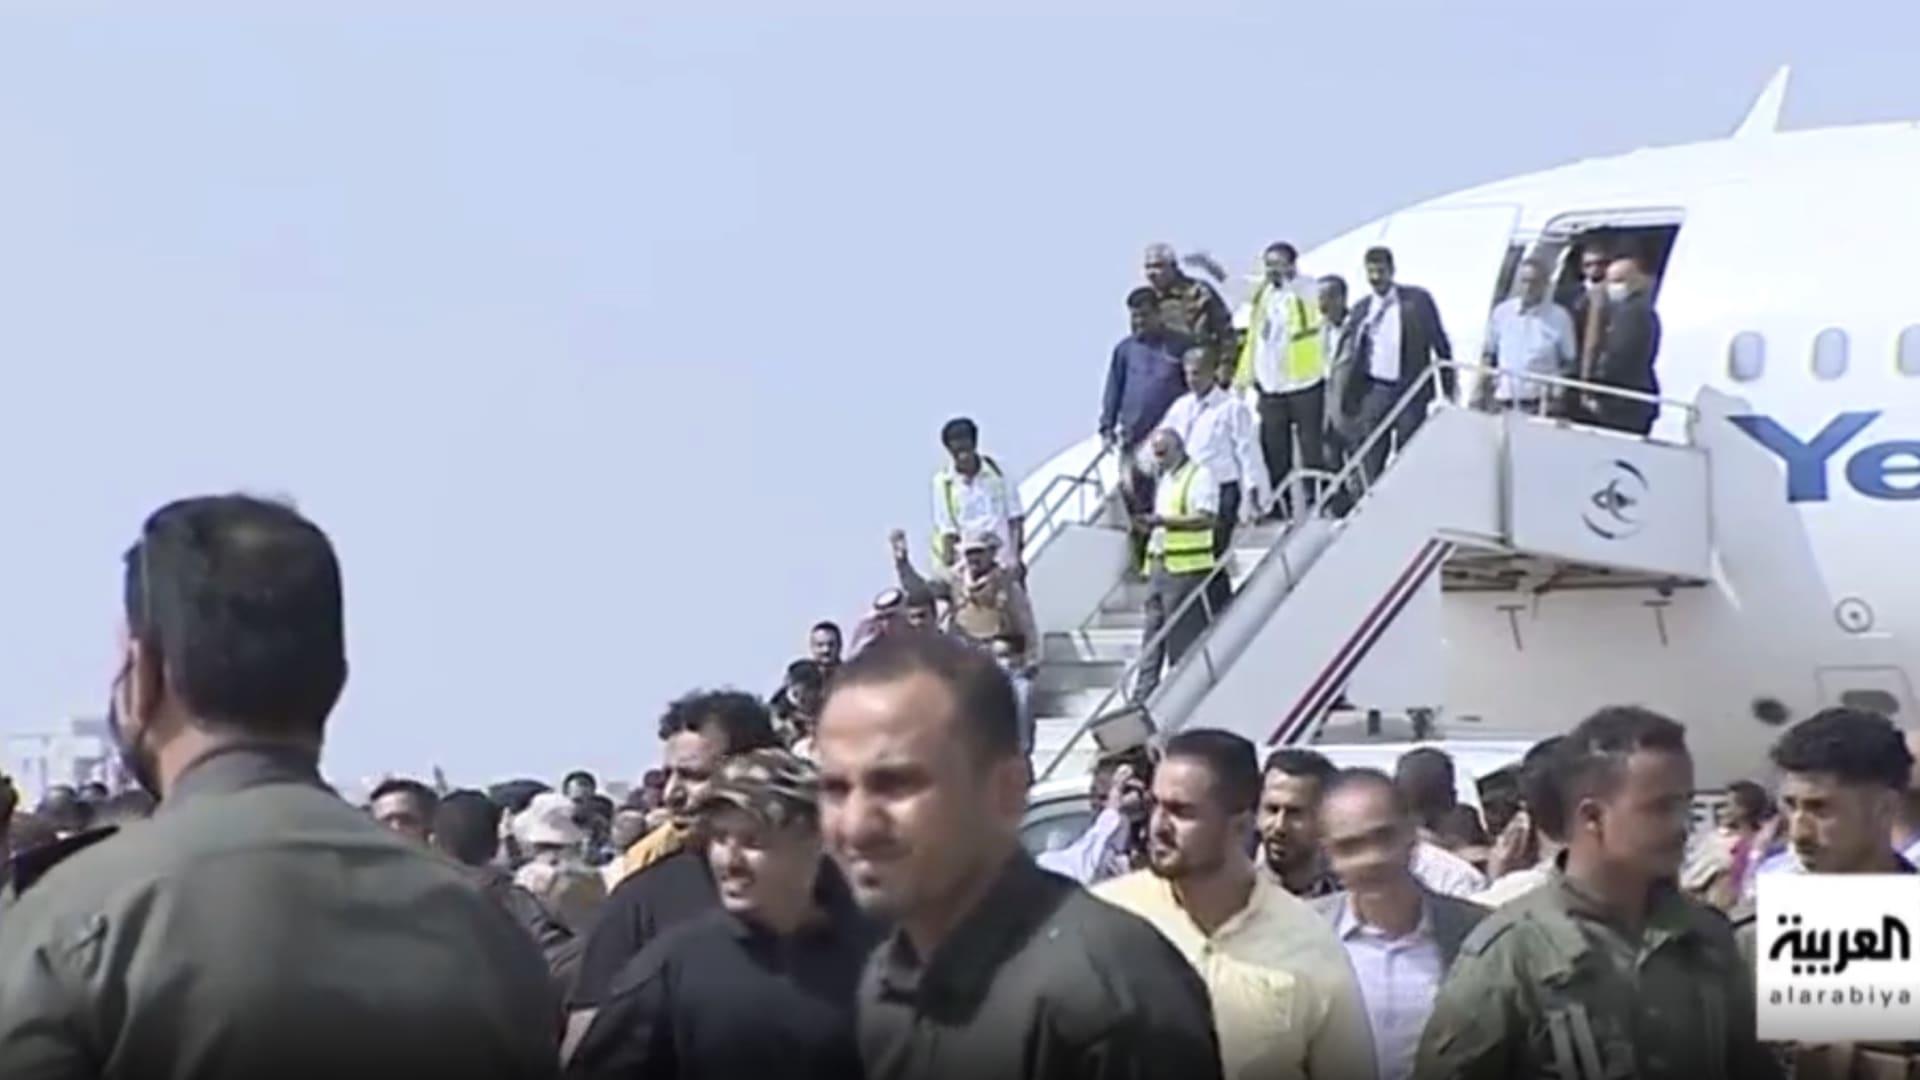 شاهد لحظة وقوع انفجار بمطار عدن مع وصول أعضاء الحكومة اليمنية الجديدة